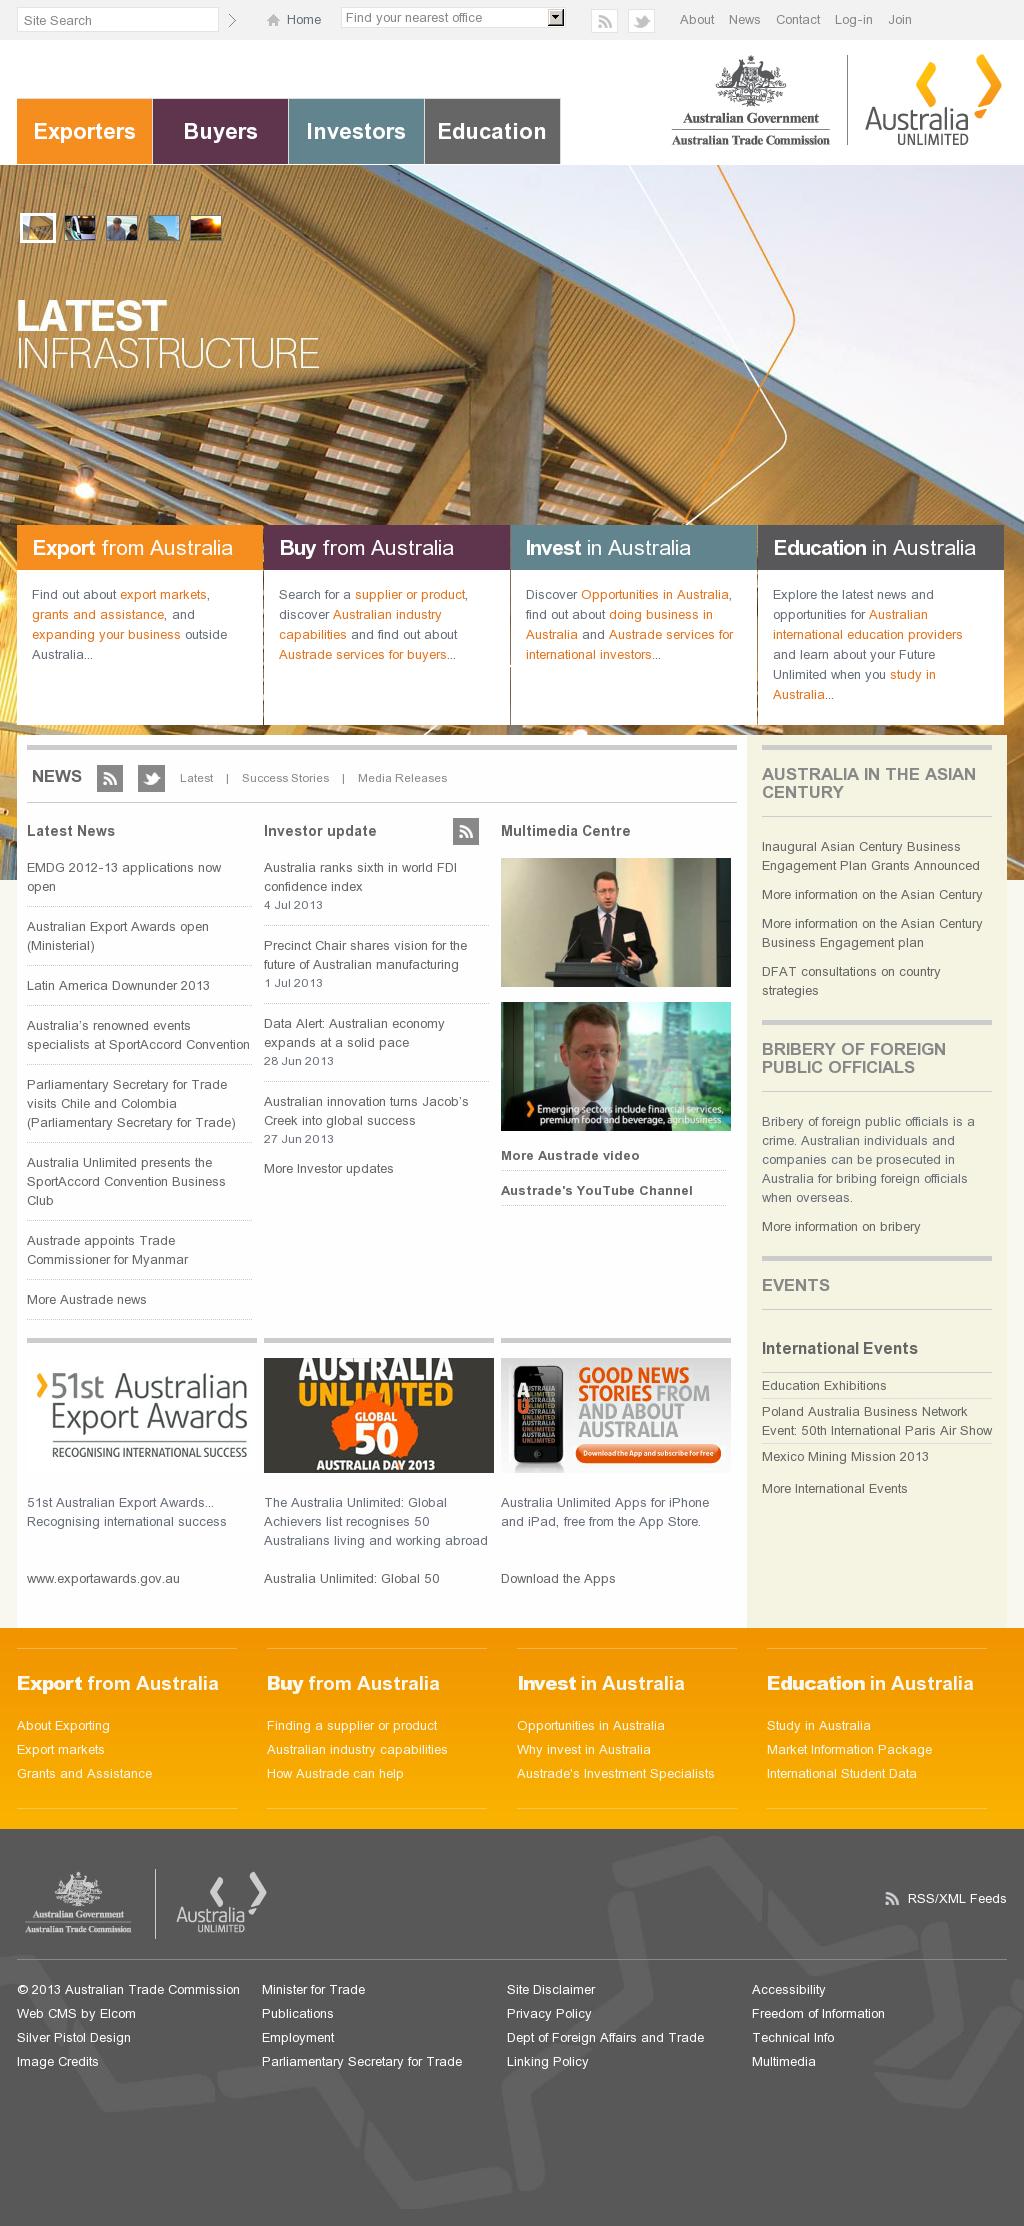 Website Design Development Services In Australia Website Design Design Development Web Design